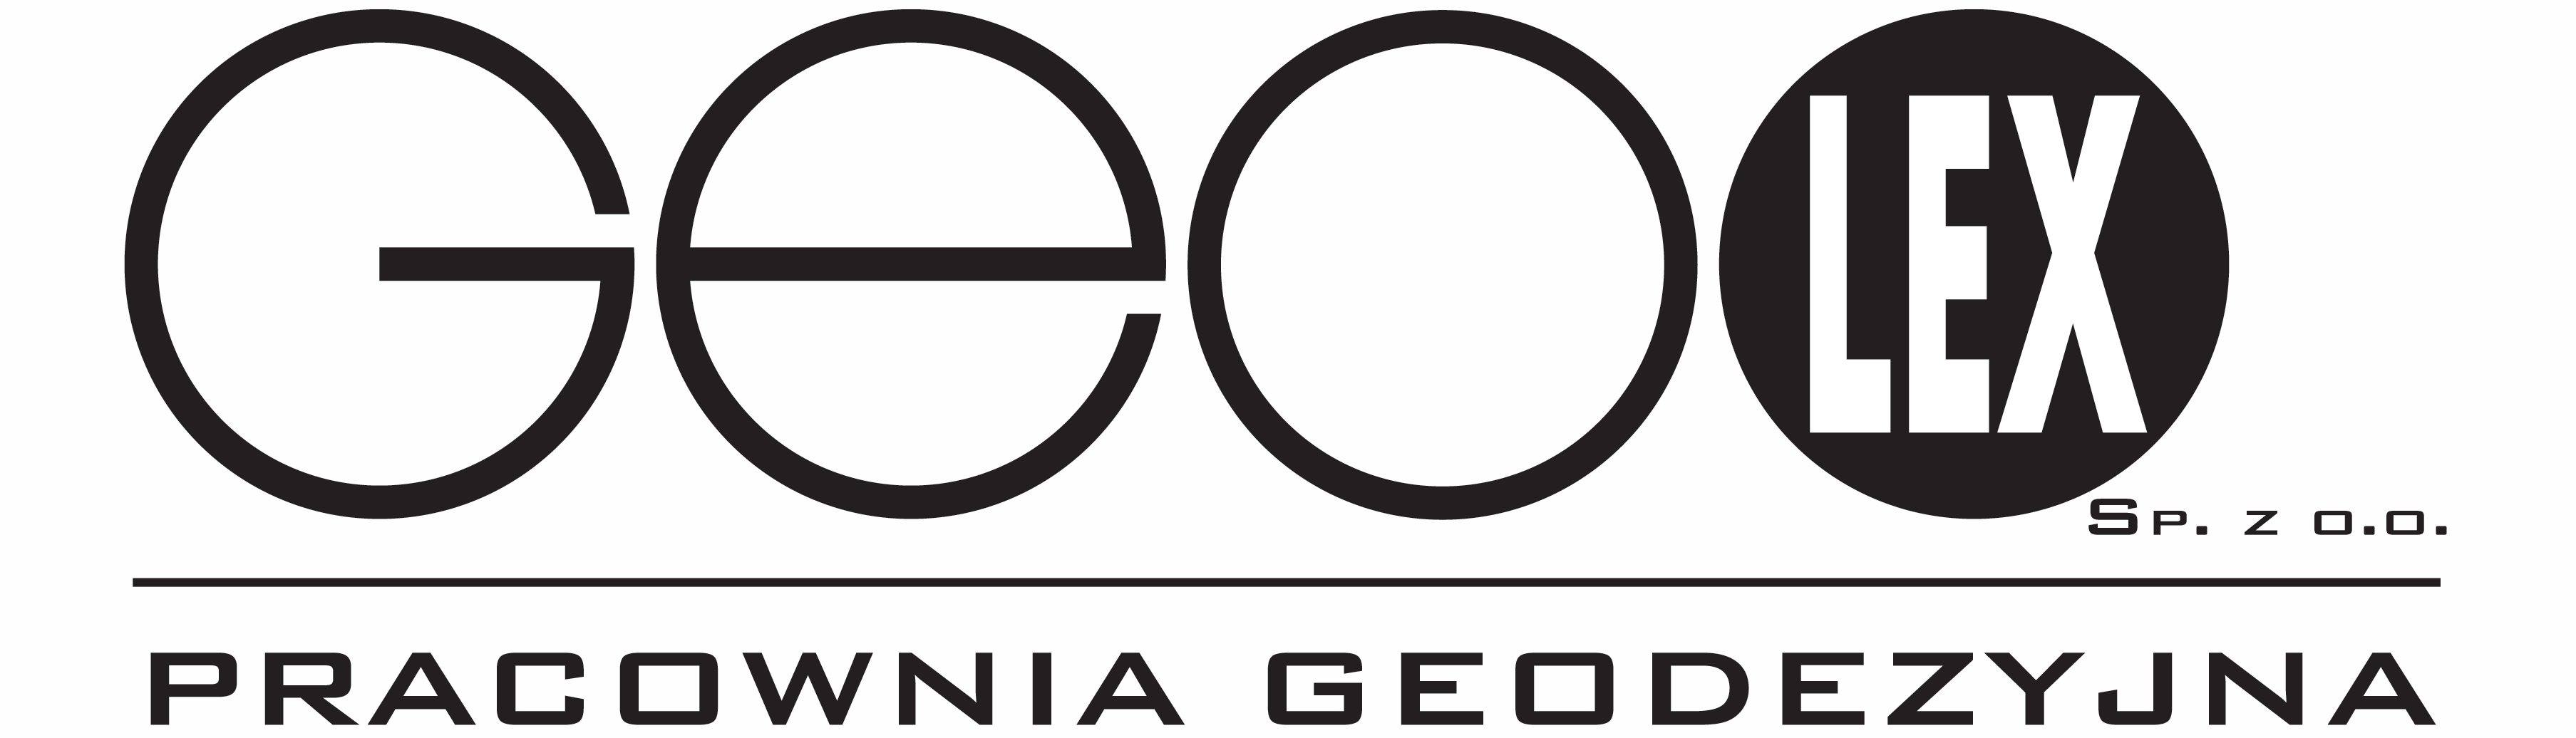 Pracownia Geodezyjna GEOLEX Sp. z o.o.